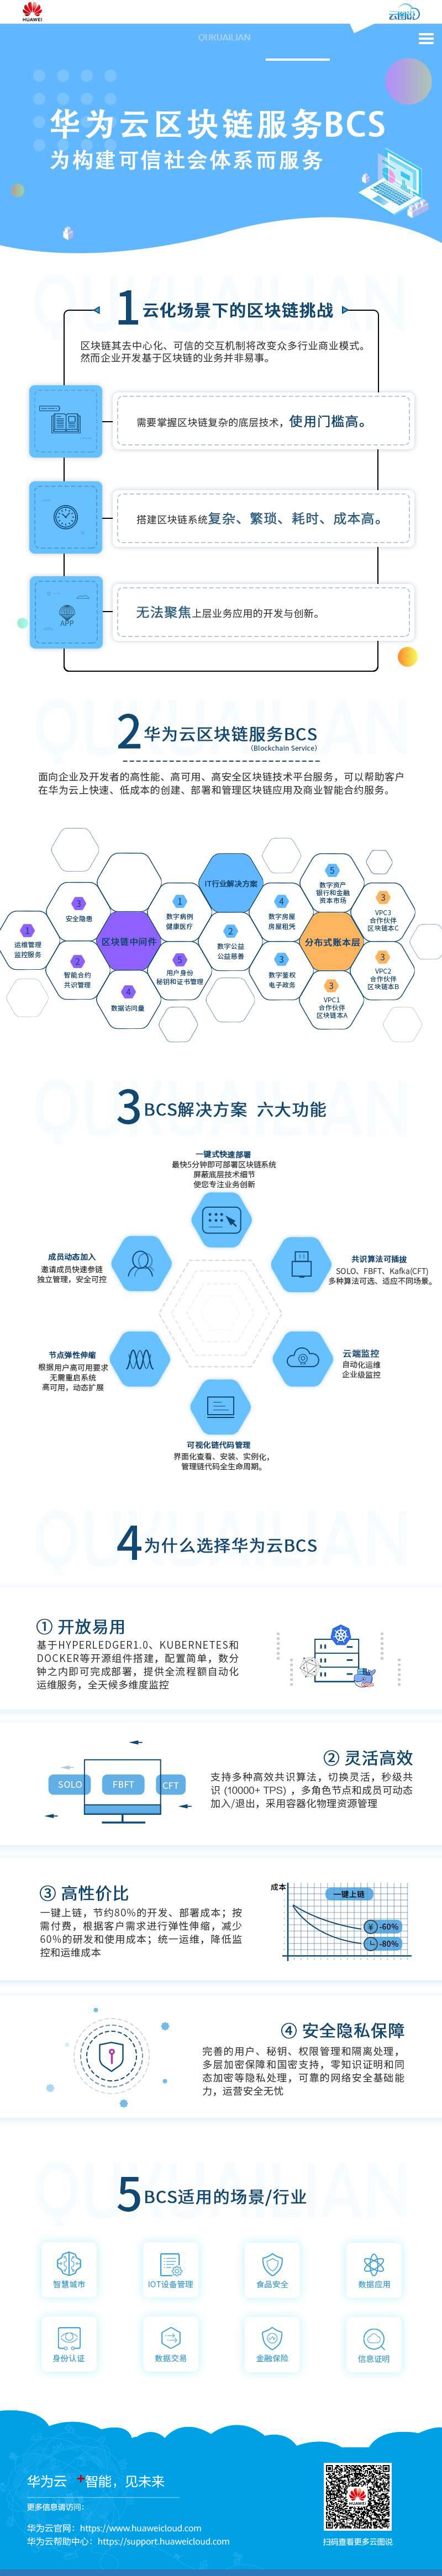 区块链服务BCS—为构建可信社会体系而服务—华为云.jpg